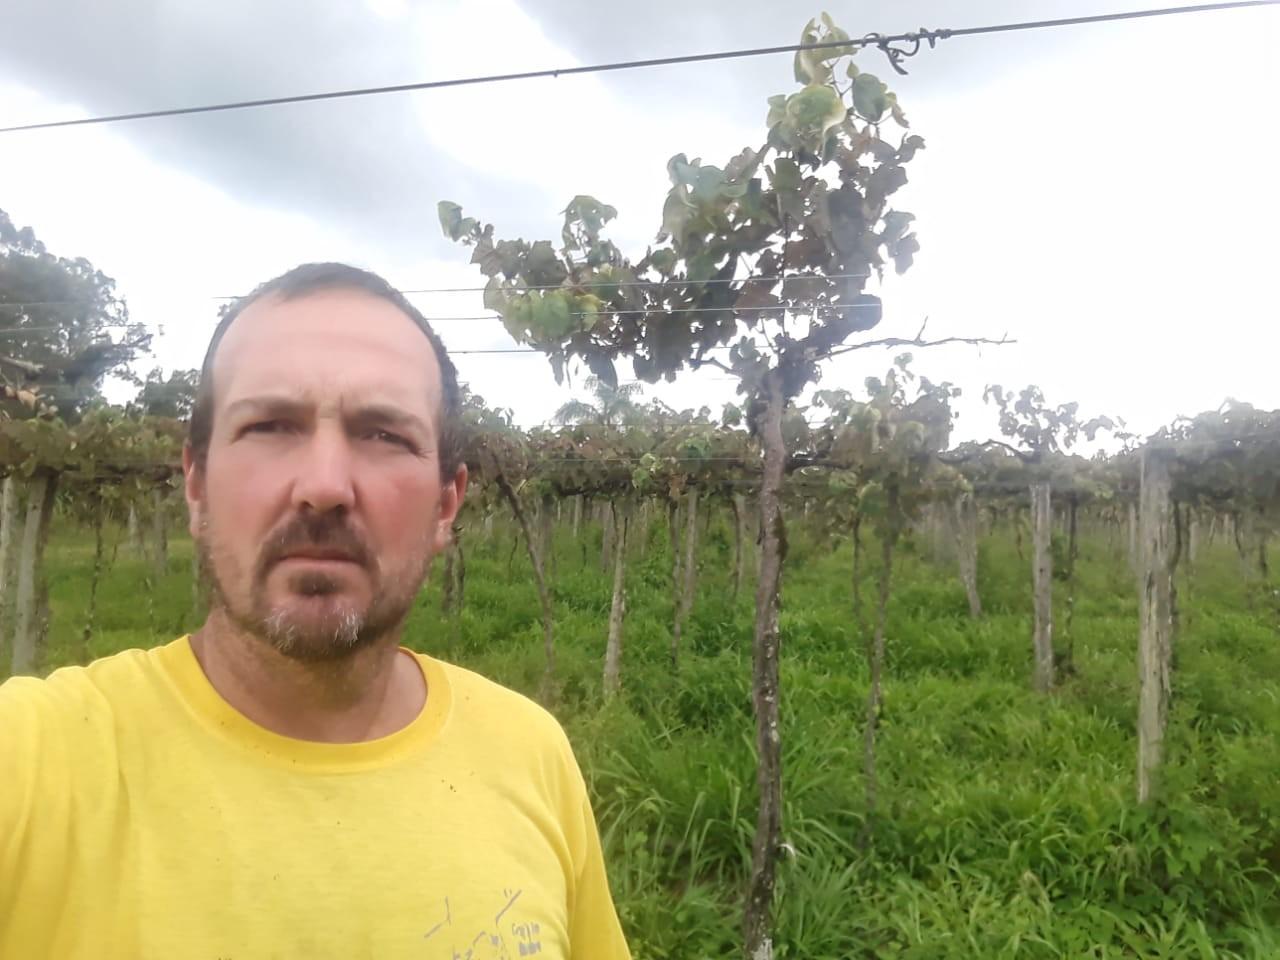 Jeferson Guerra, produtor que perdeu 90% das videiras devido aos efeitos do 2,4D (Foto: Jeferson Guerra/Arquivo Pessoal)